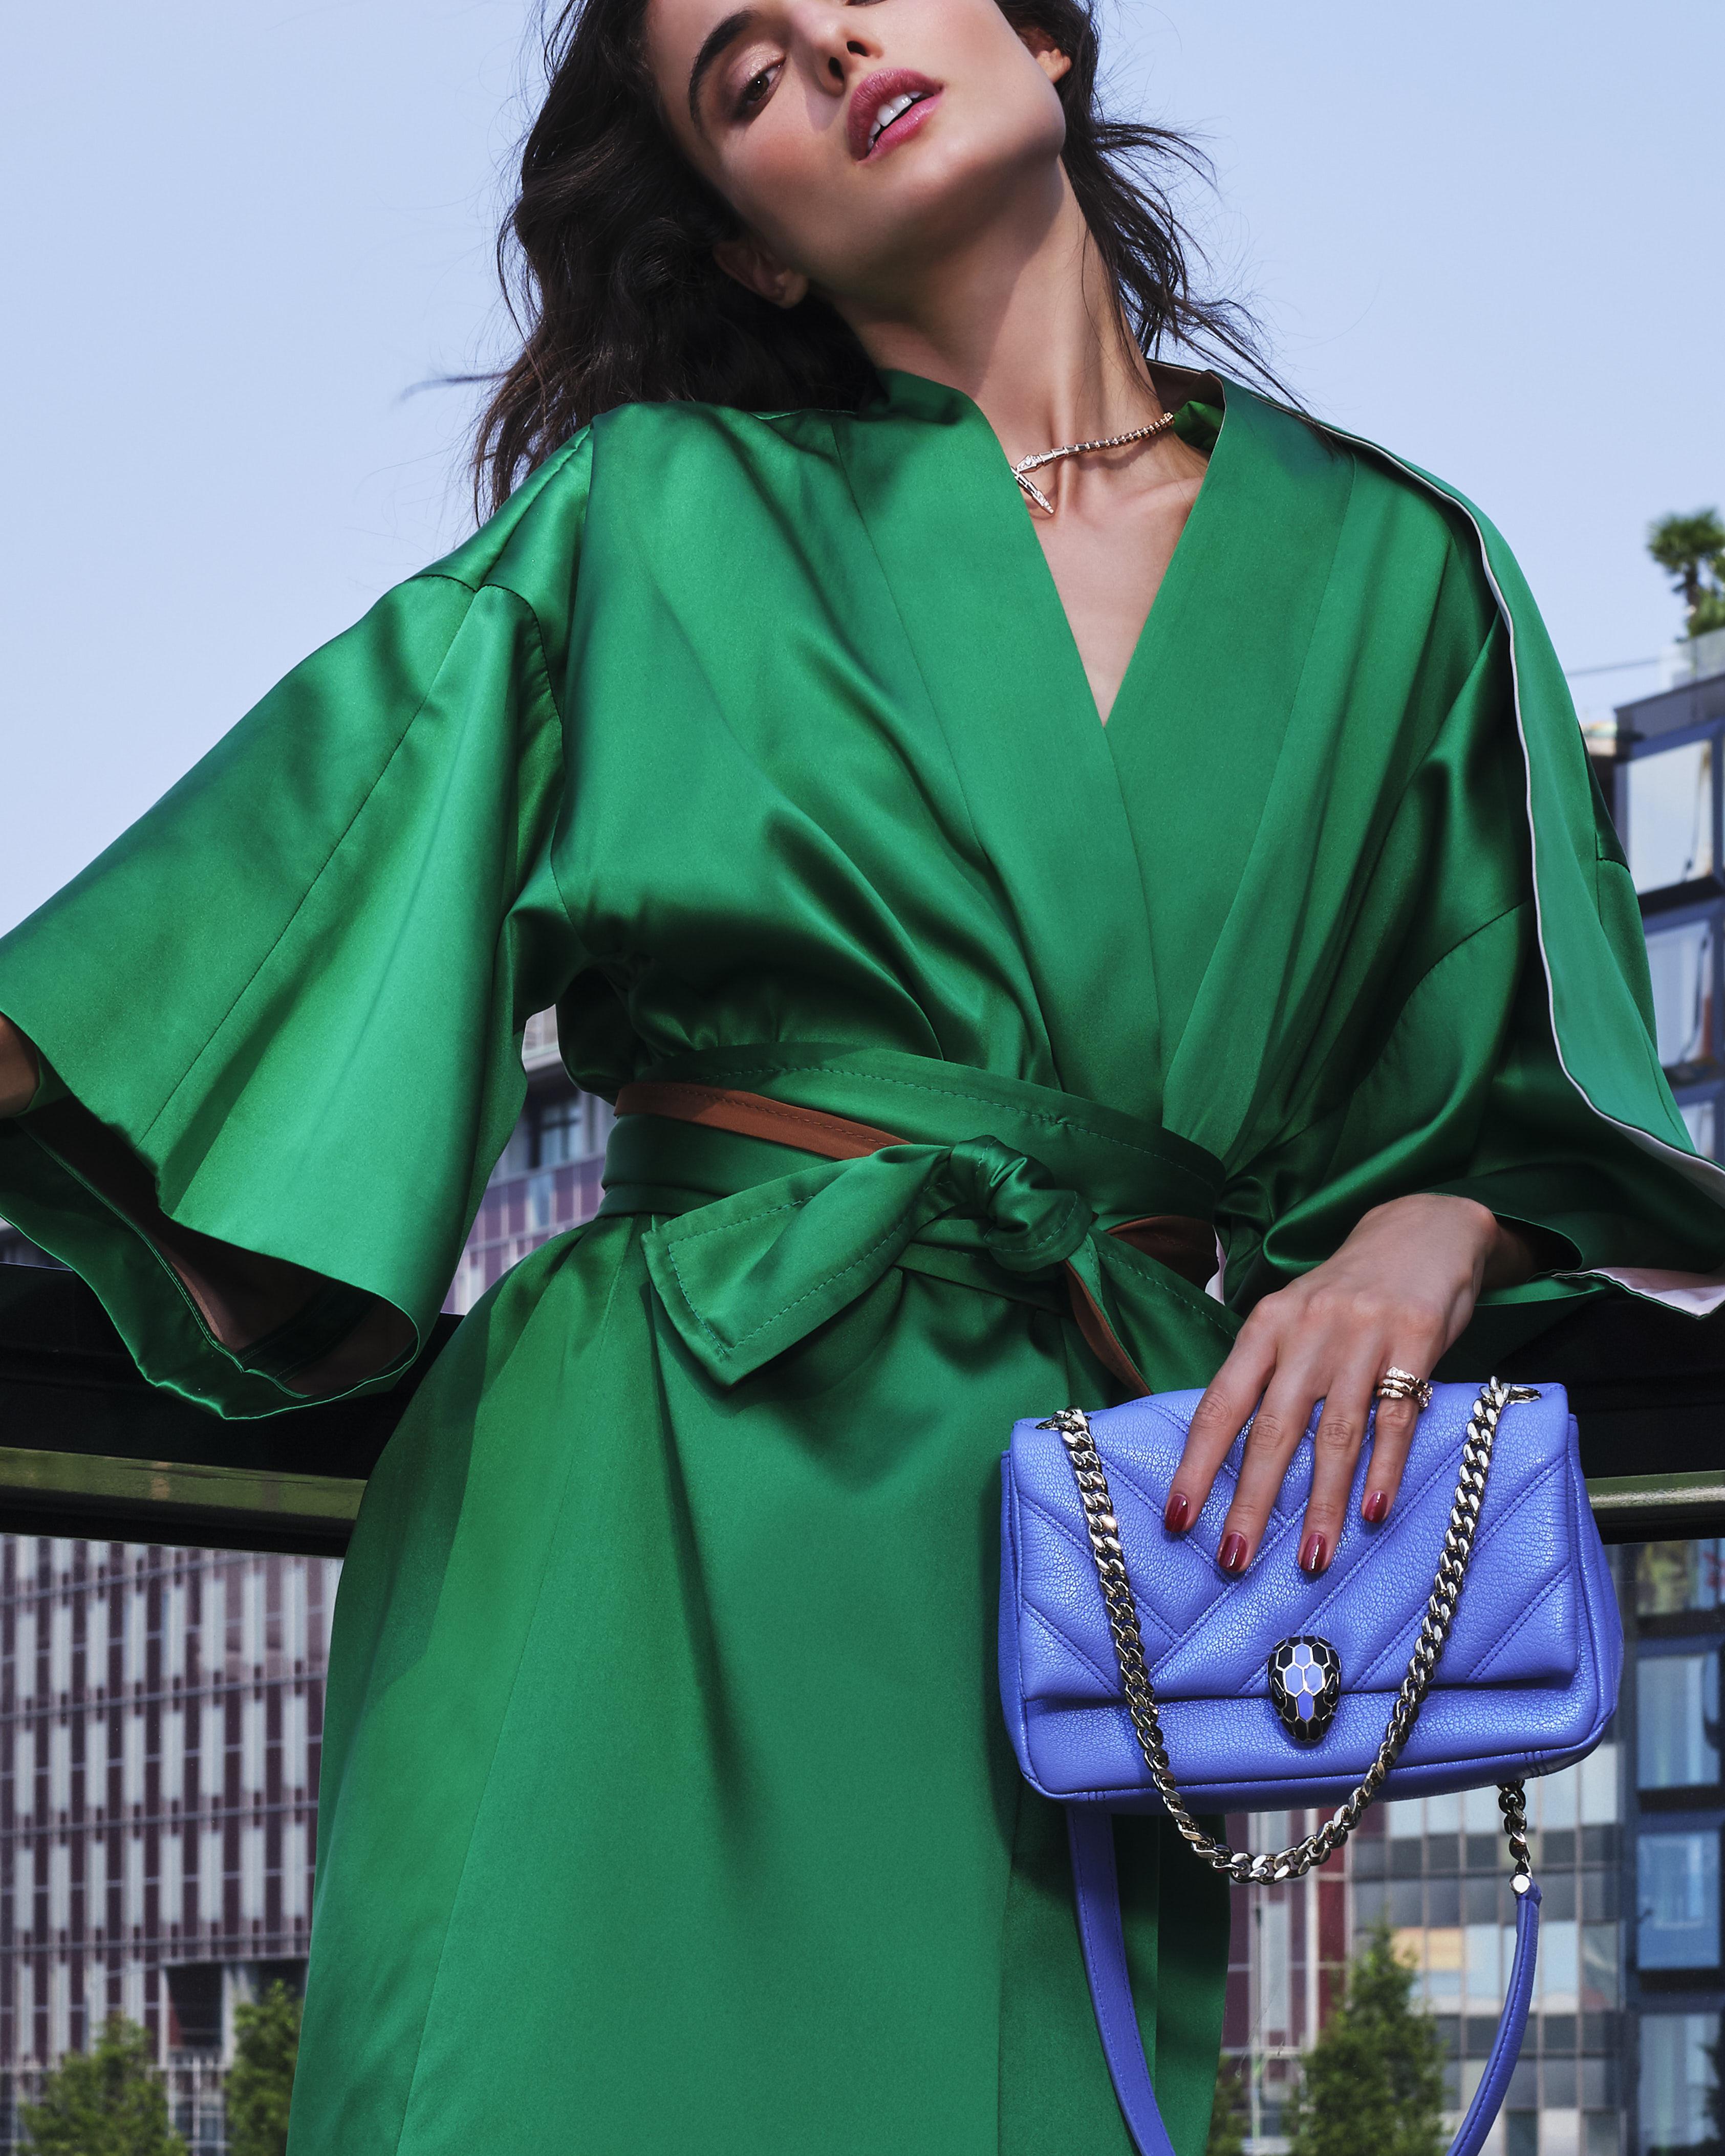 200730 Bvlgari UrbanJungle Day2 28 004 f bis CROP - Campaña de accesorios SS21 de Bvlgari tiene como protagonista a española Blanca Padilla